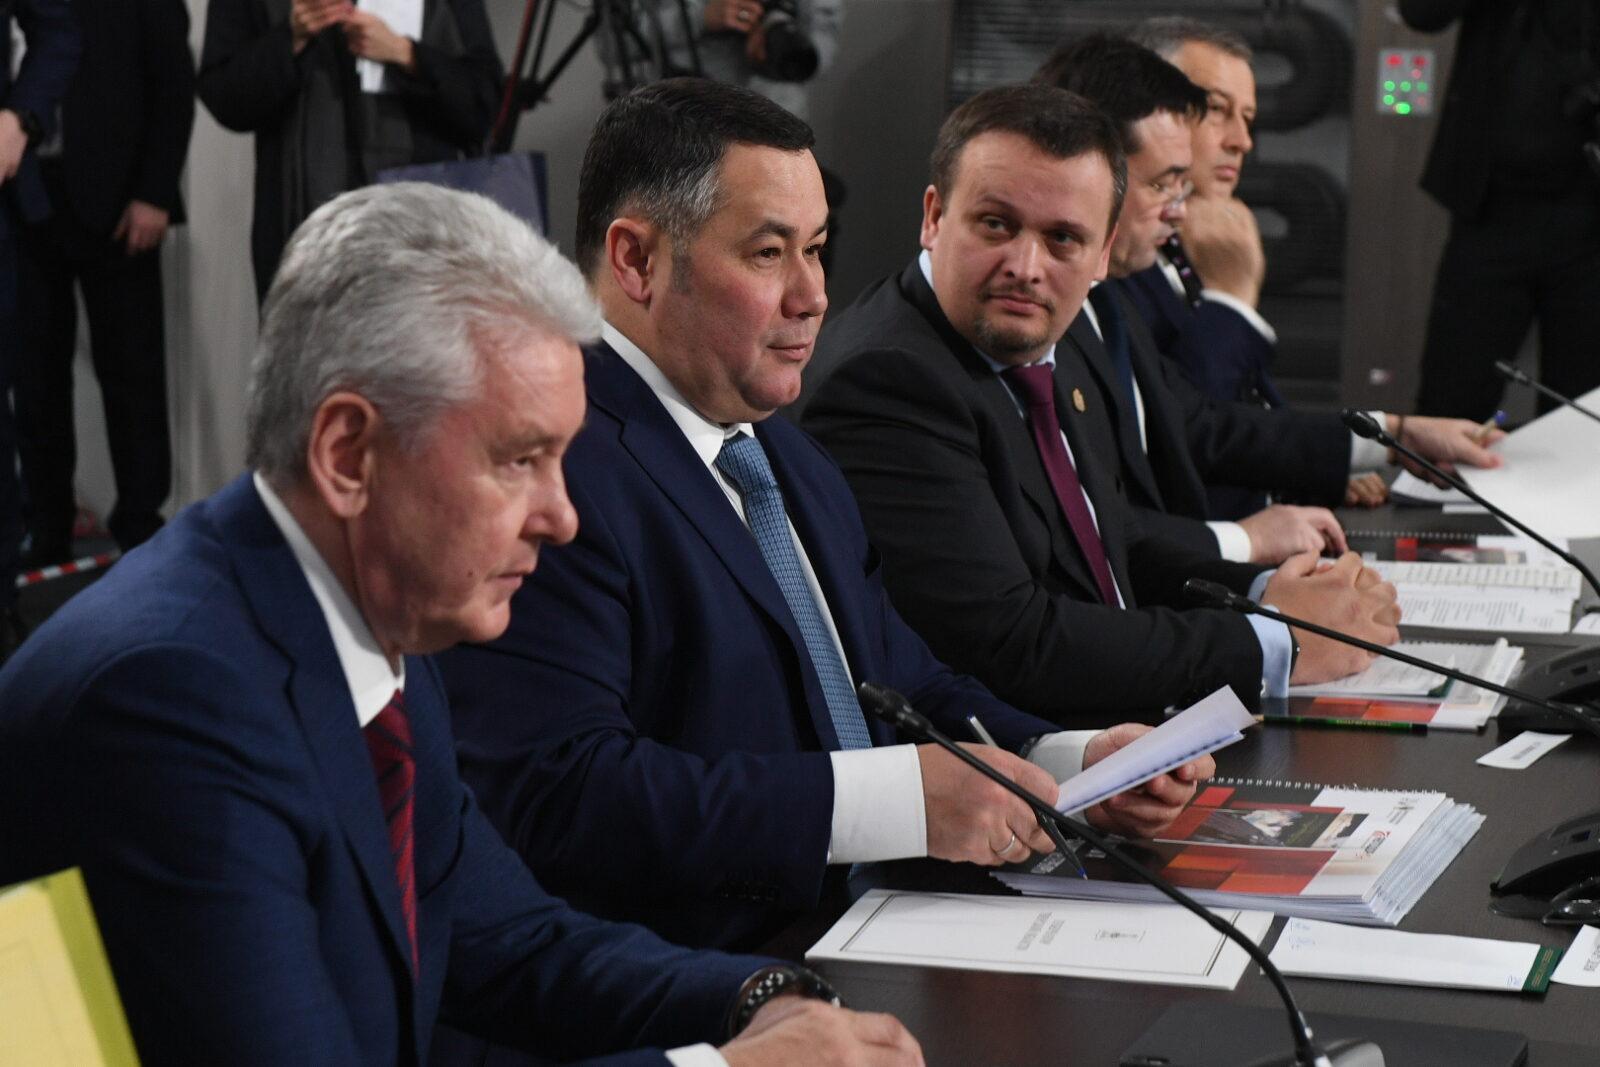 Игорь Руденя внёс предложения по развитию дорожной инфраструктуры трассы М-11 в Тверской области